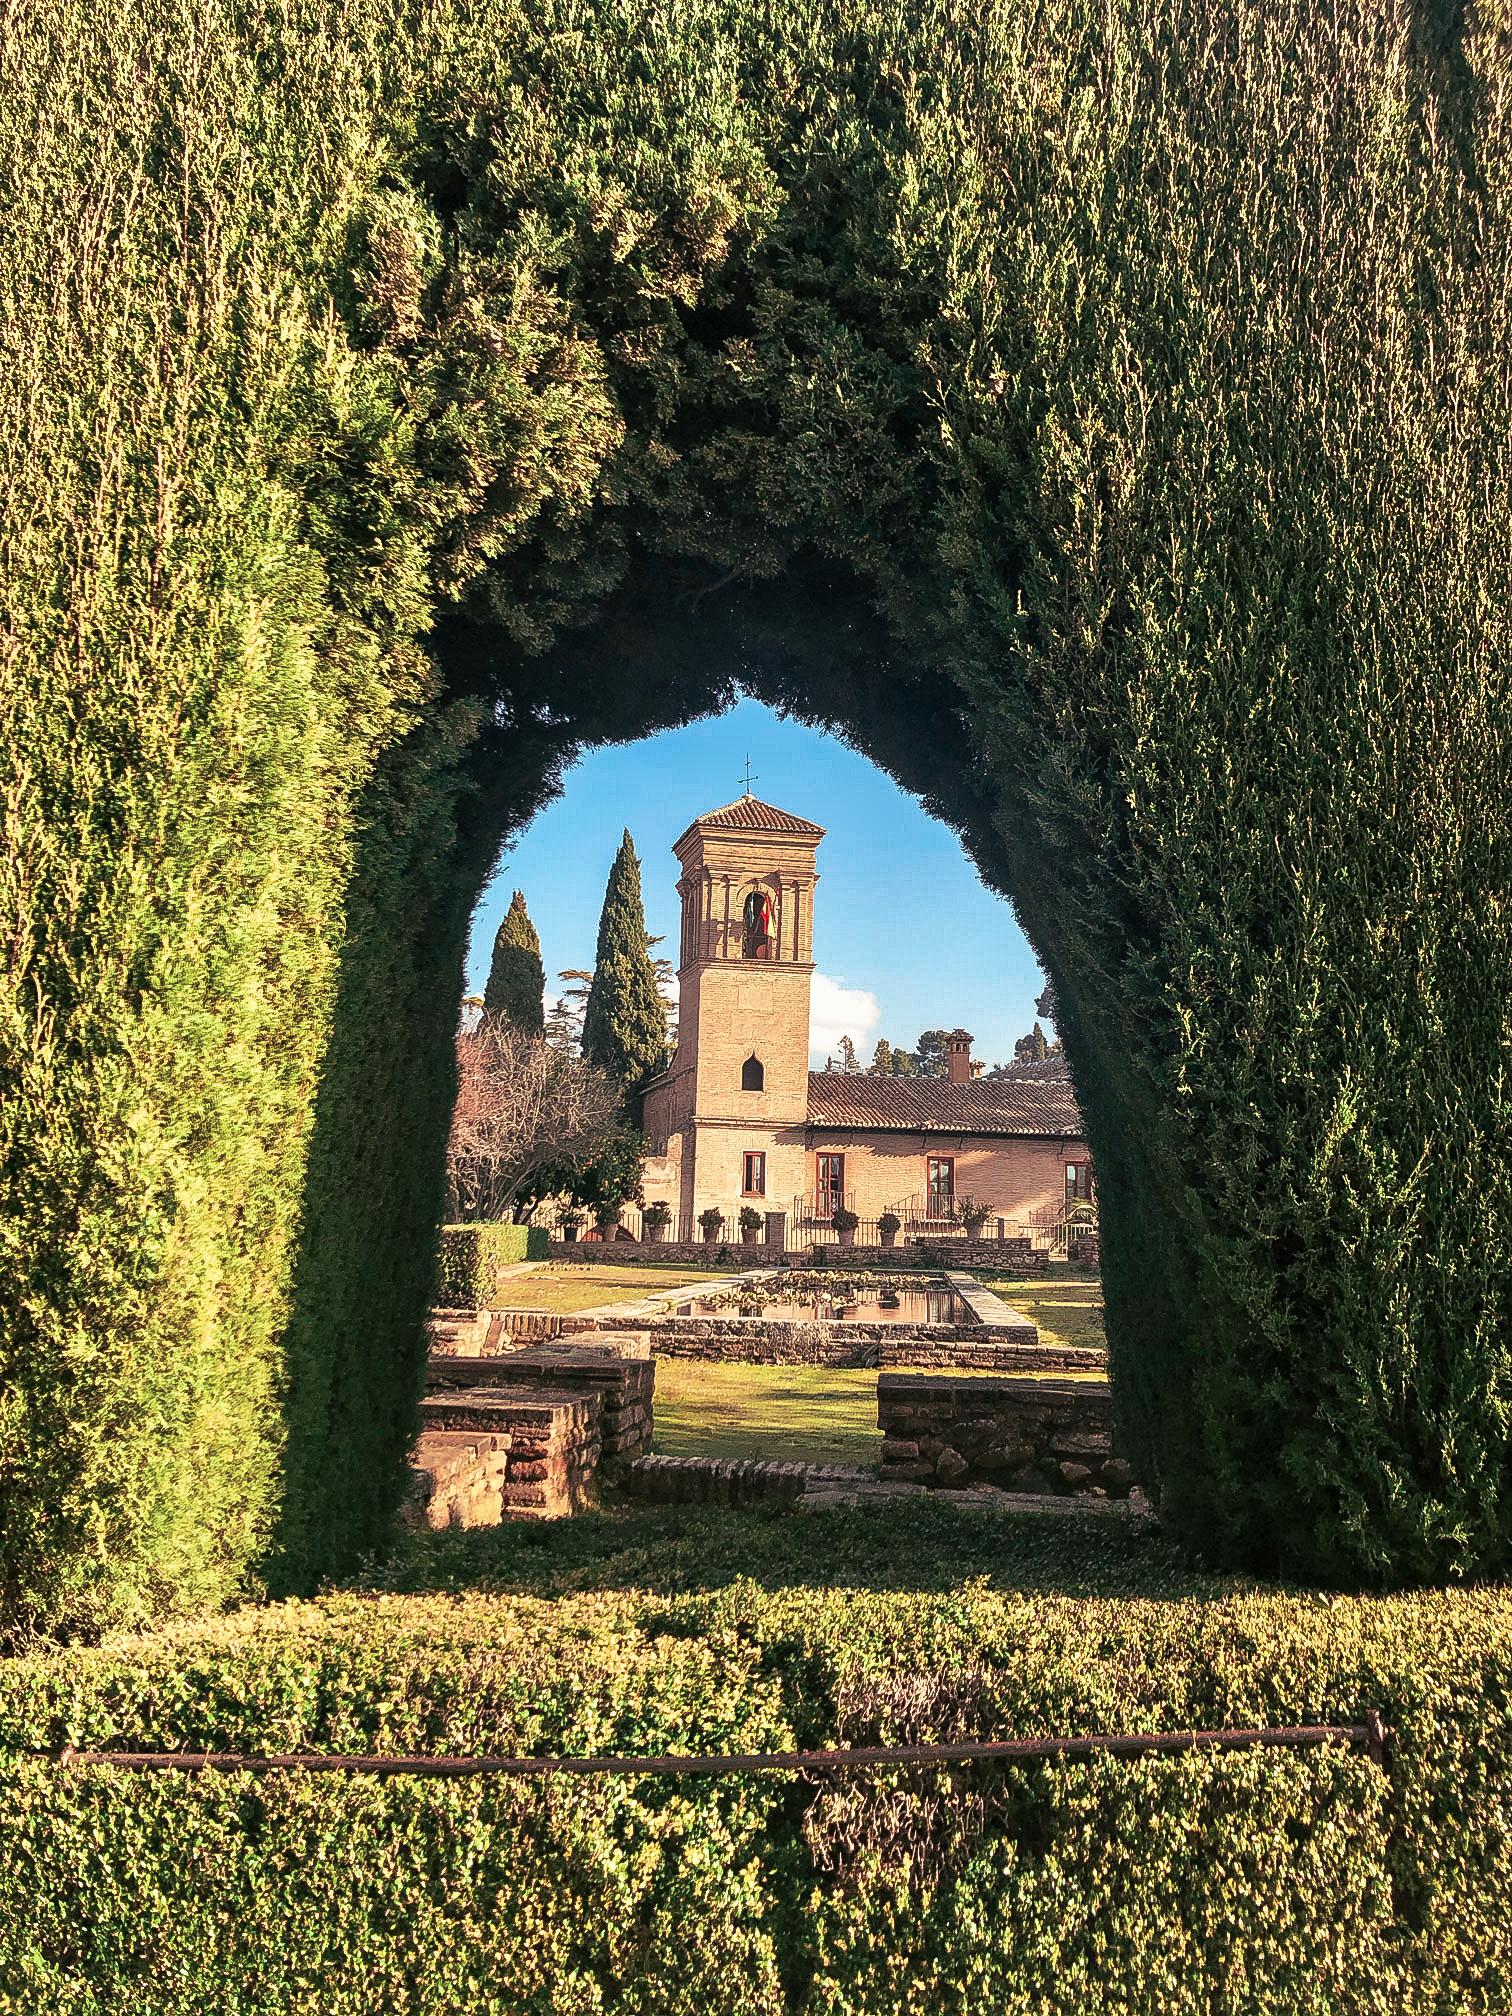 The Alhambra Granada Andaluisa Spain